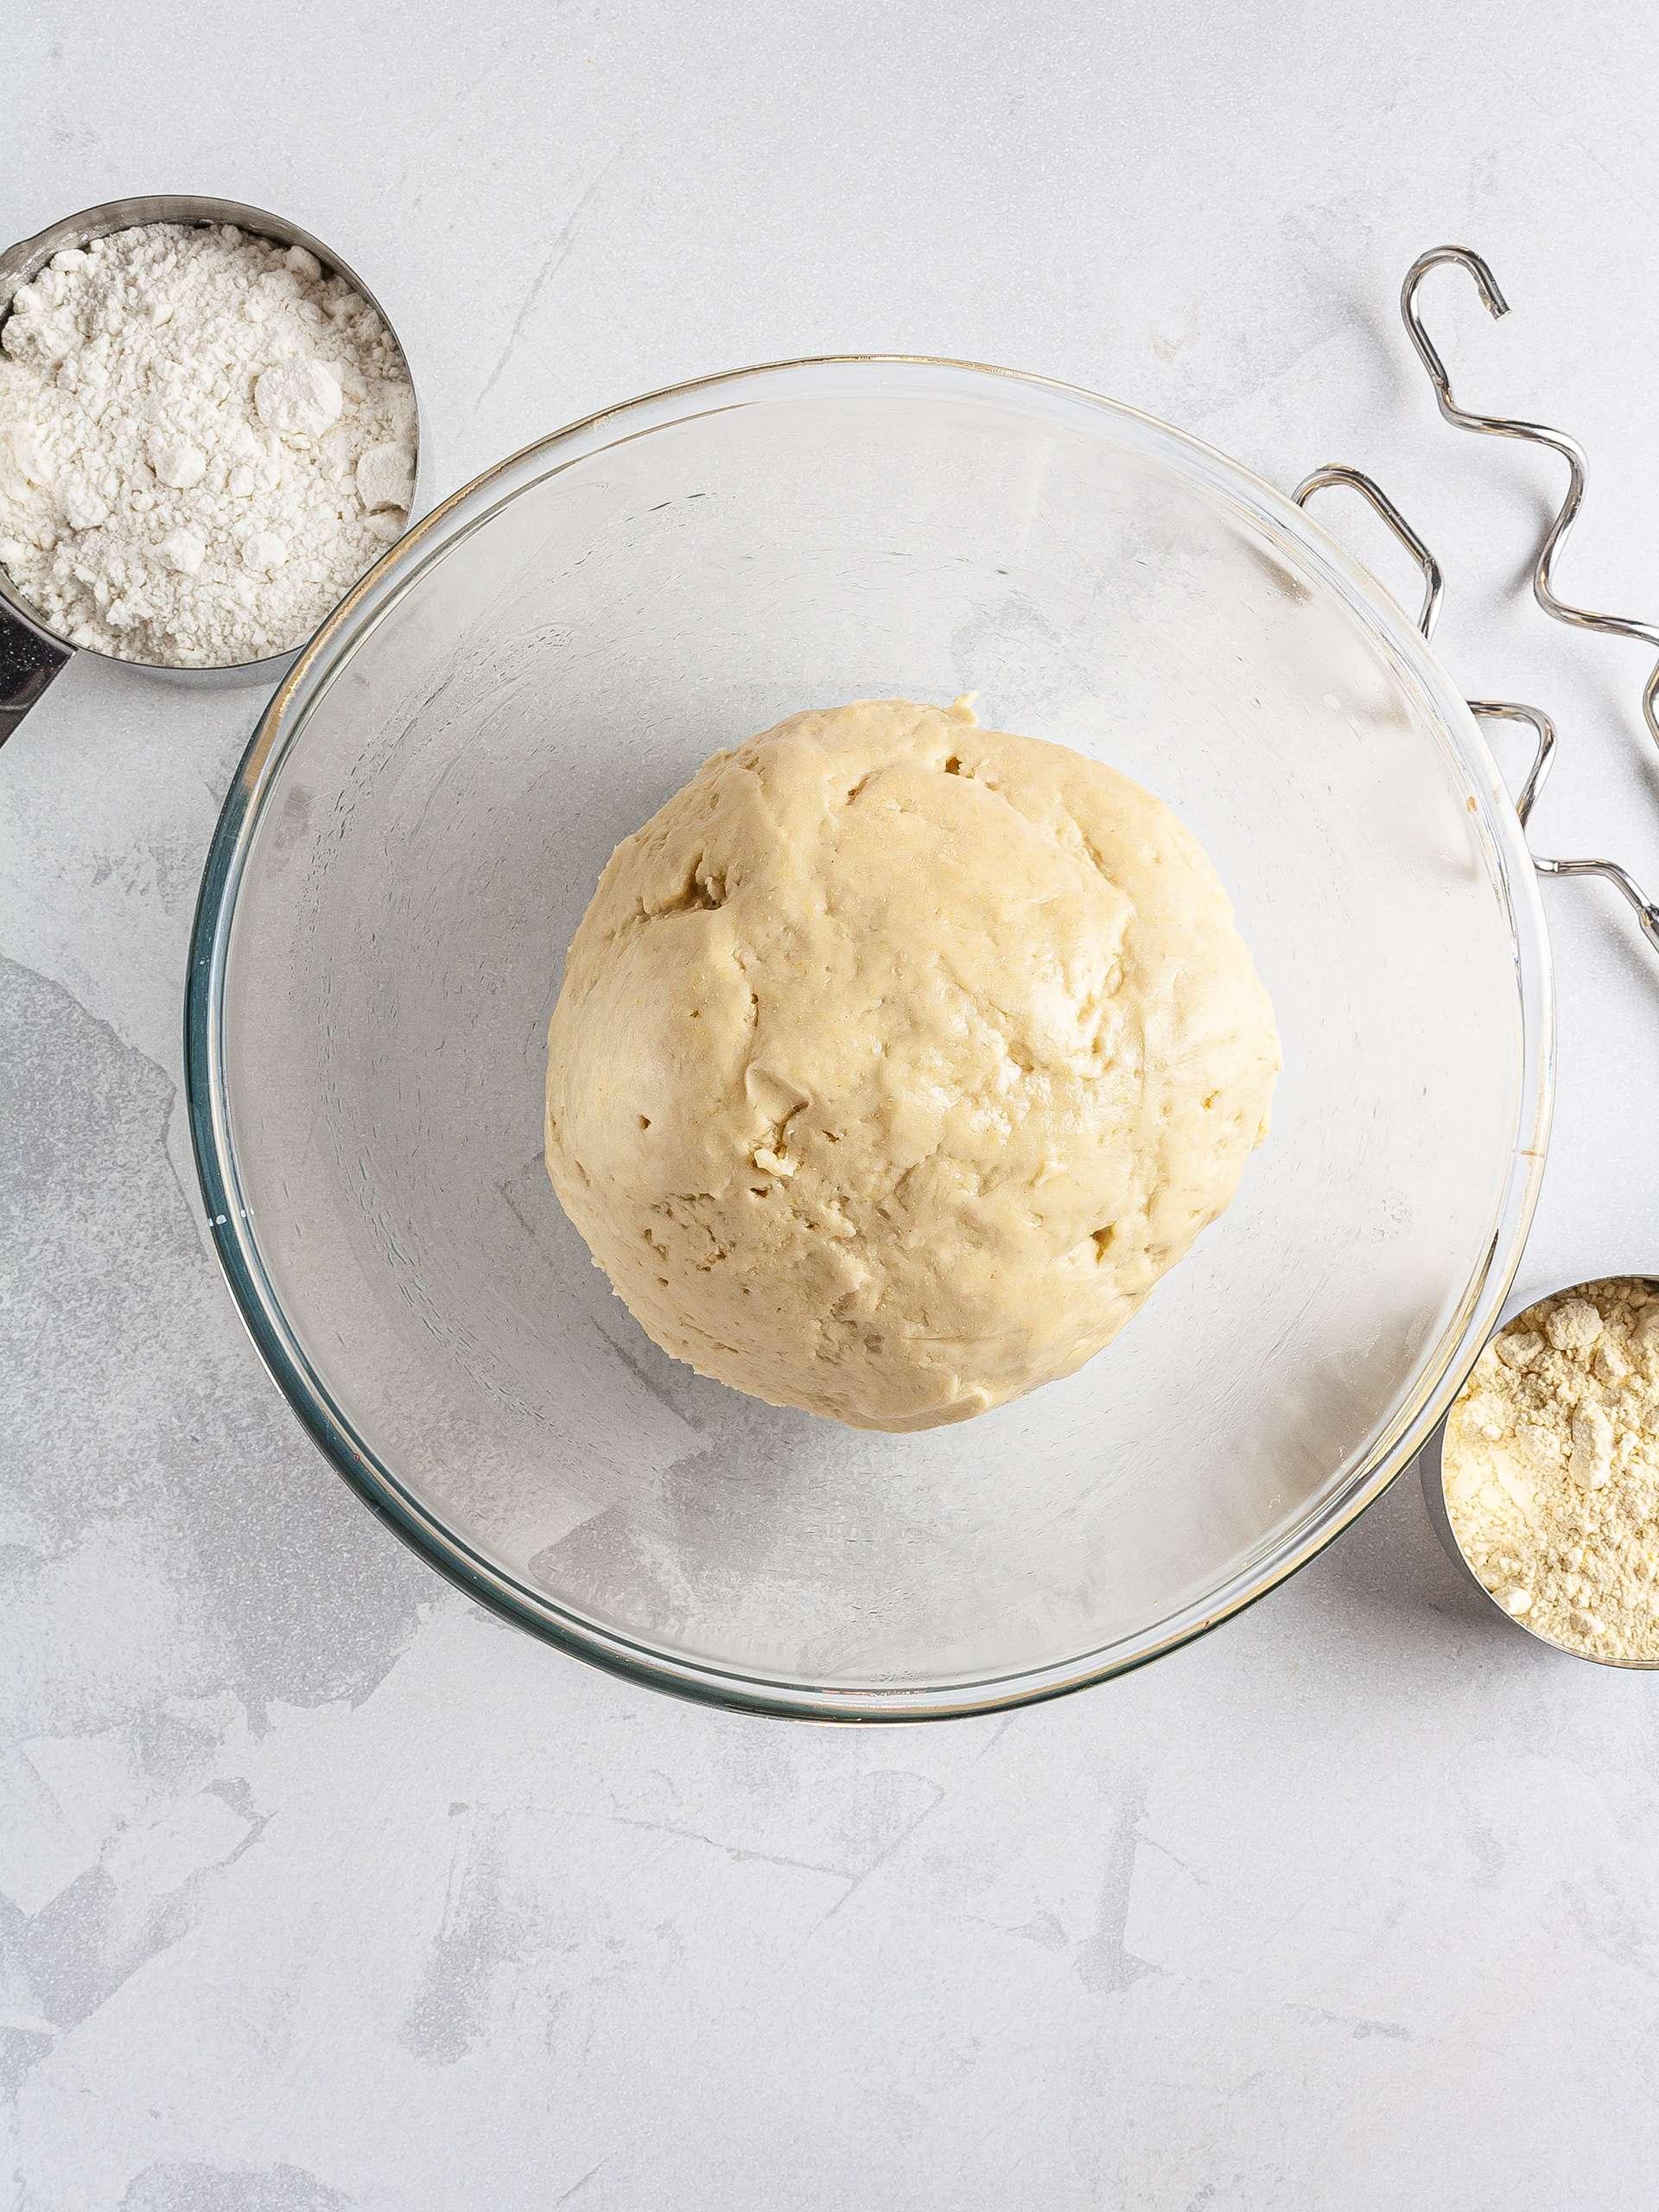 Croissant dough with gluten-free flour